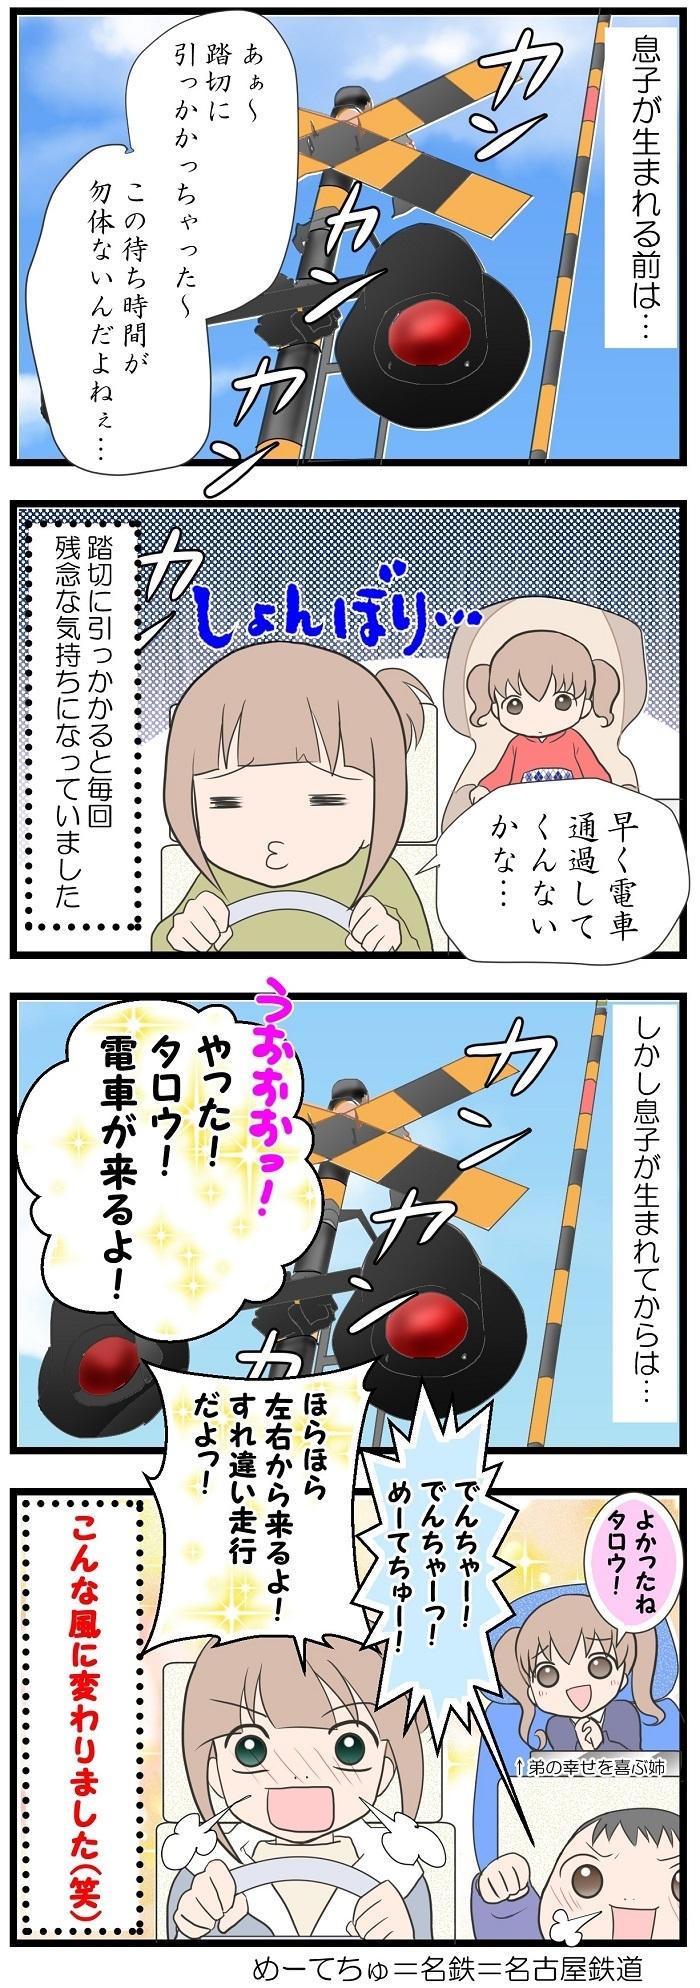 どこがそんなに楽しいの!?息子が新幹線大好きすぎて、ついていけなかった私の画像1